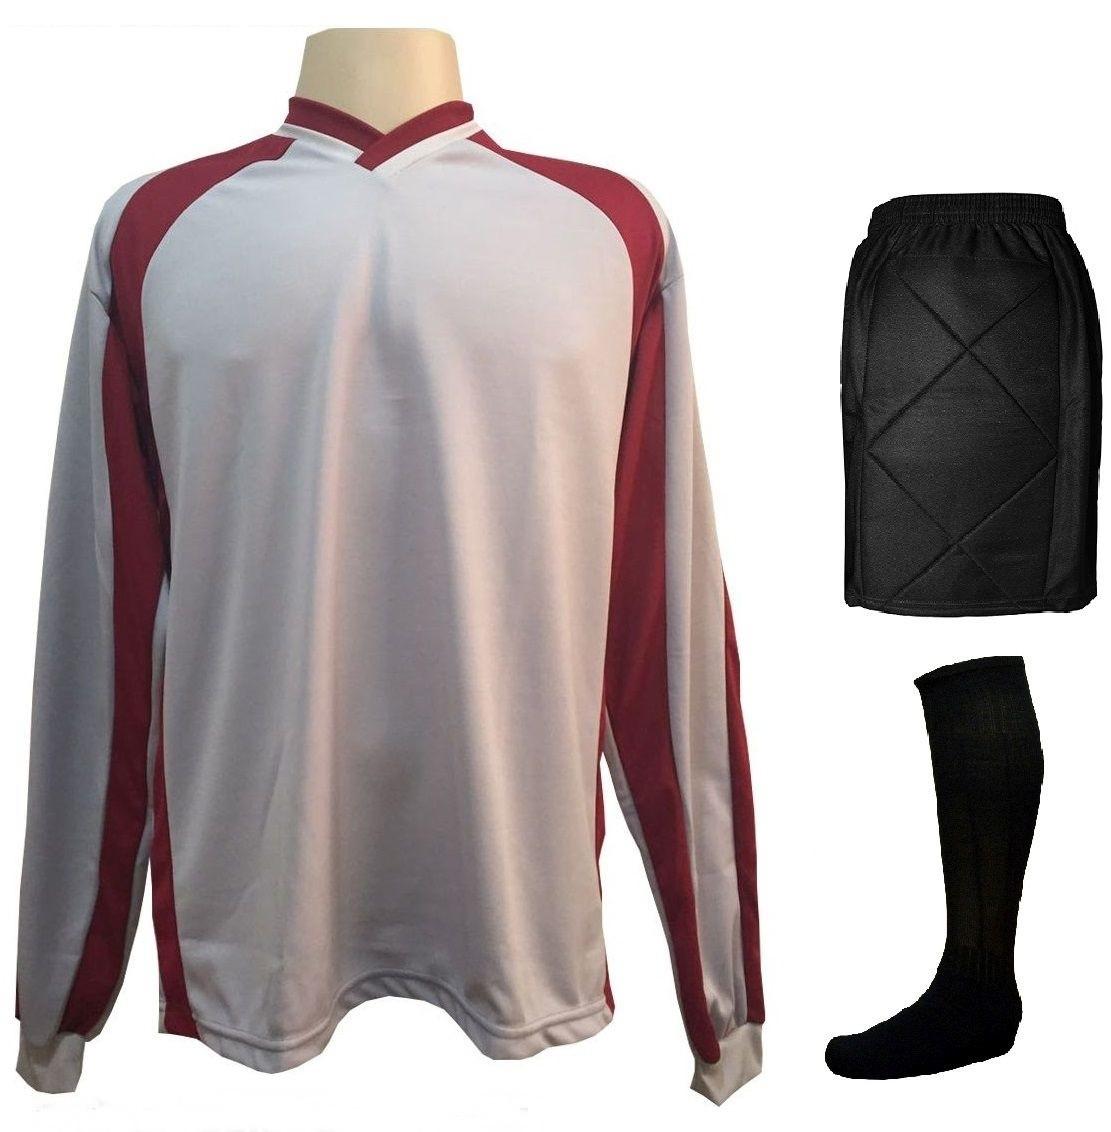 Uniforme Esportivo Completo modelo Sporting 14+1 (14 camisas Preto/Branco/Vermelho + 14 calções modelo Copa Preto/Branco + 14 pares de meiões Pretos + 1 conjunto de goleiro) + Brindes